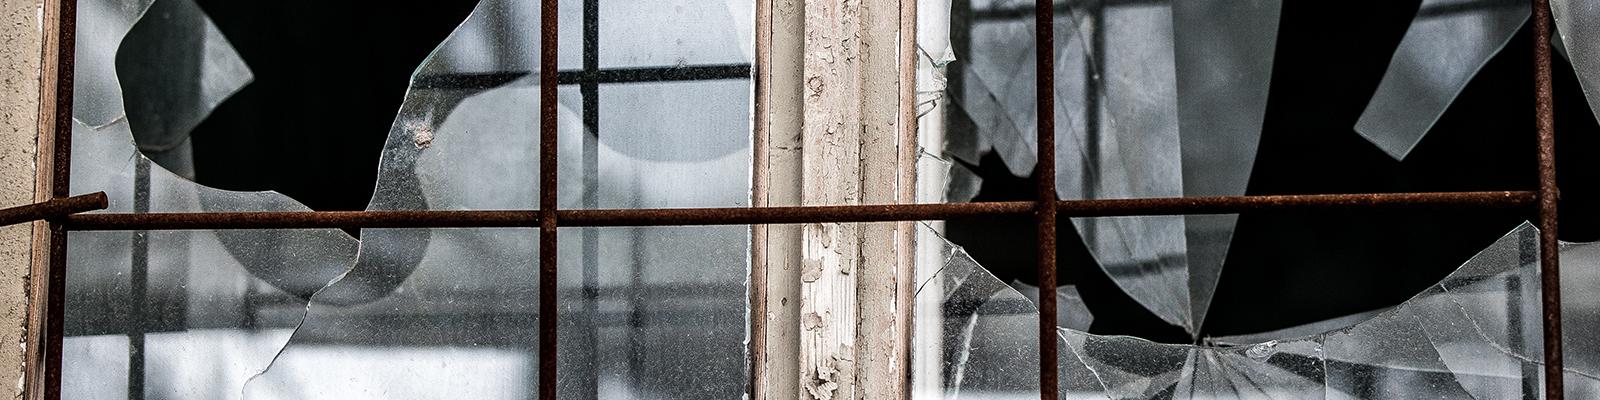 Le remplacement de fenêtre simple et double vitrage